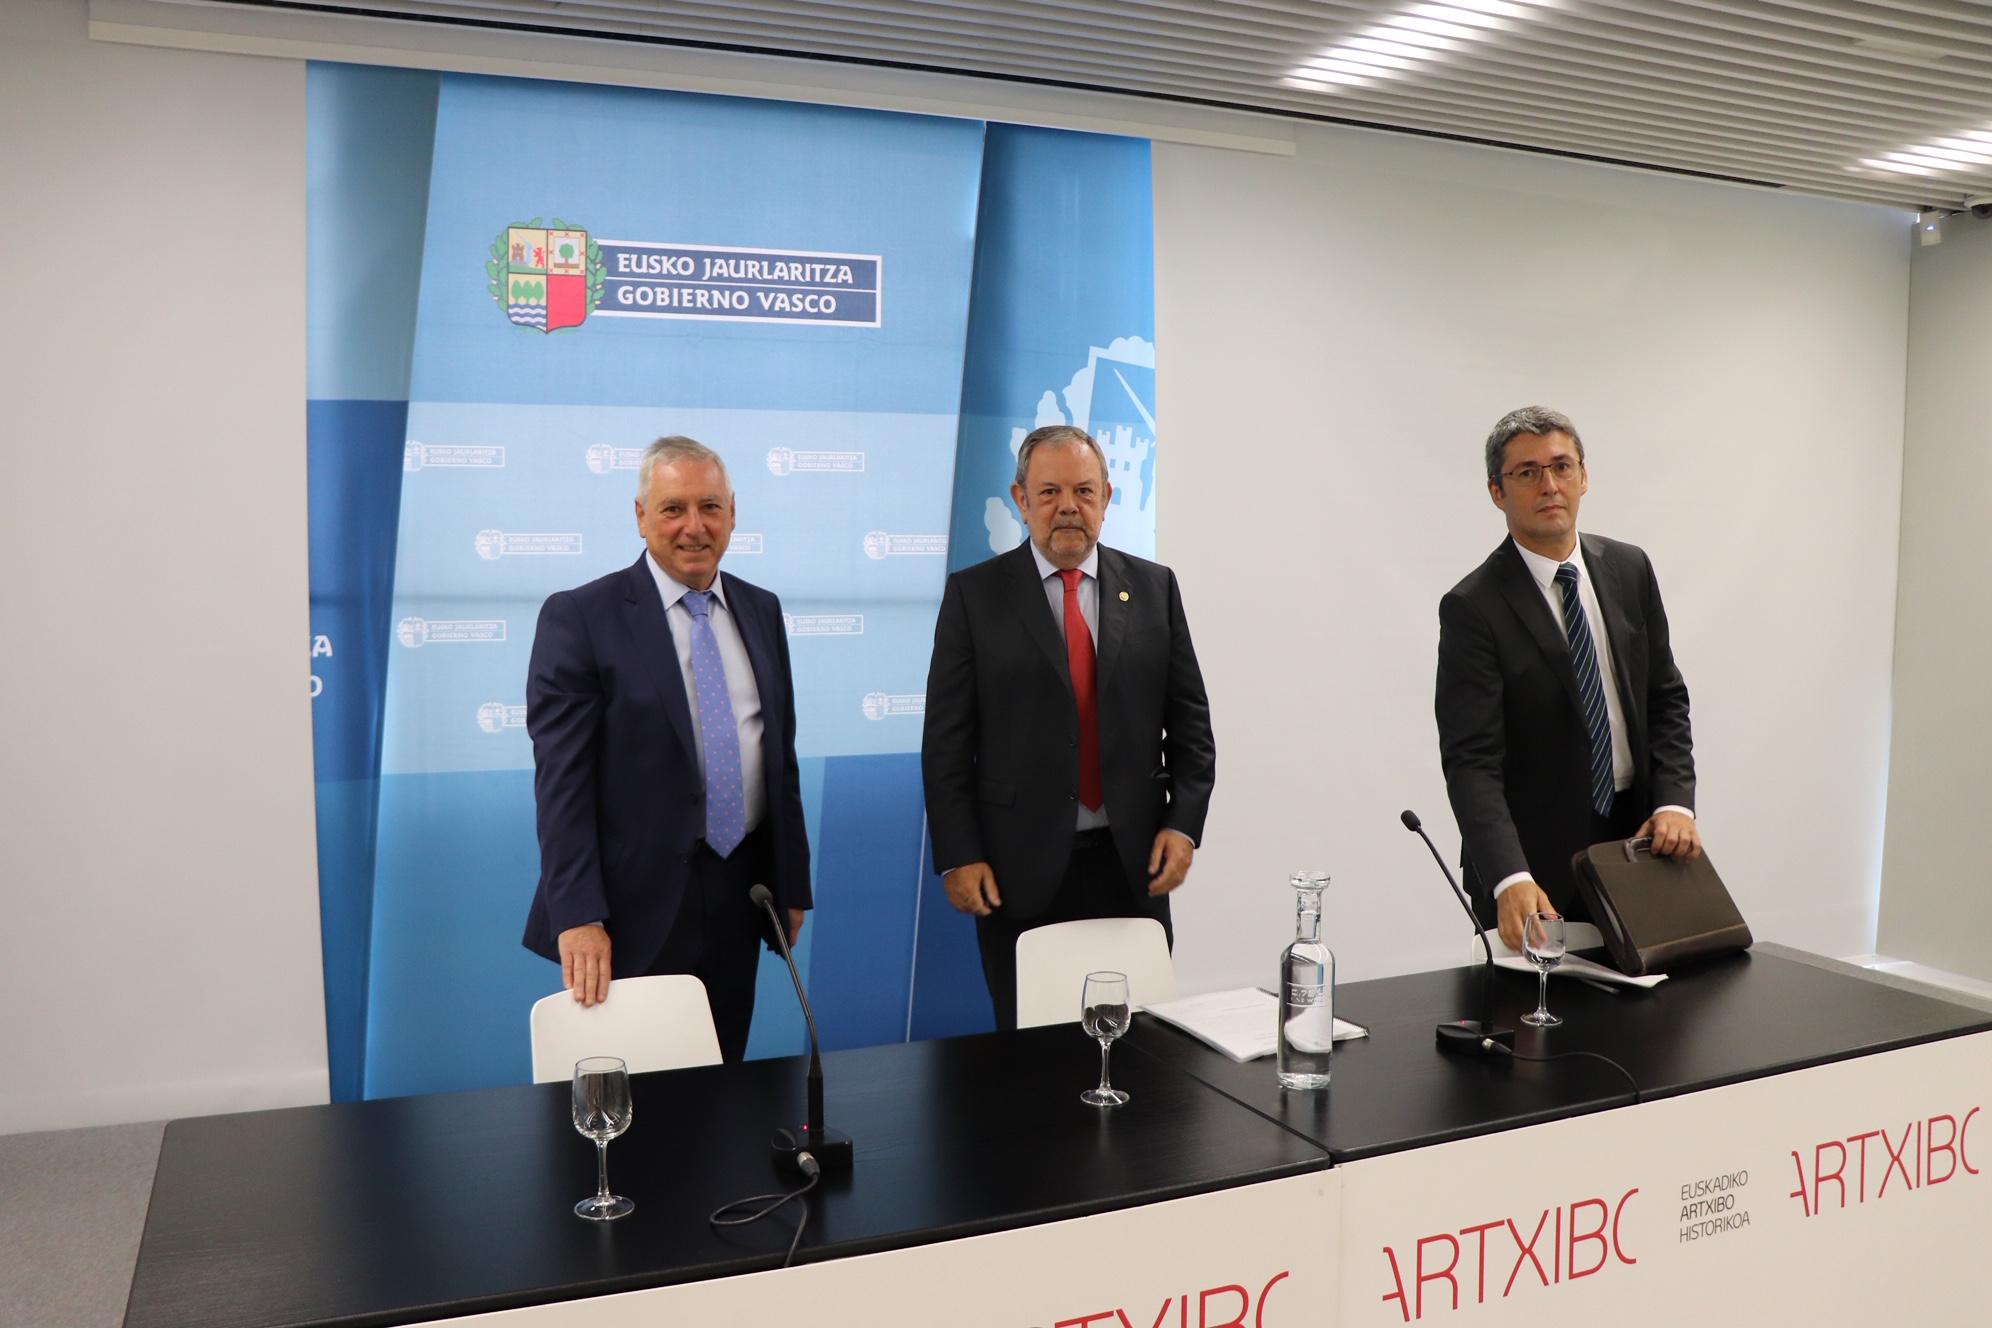 """Azpiazu considera """"notable"""" el crecimiento potencial de la economía vasca por encima del 2% y prevé un superávit cercano al 0,2% para 2019"""